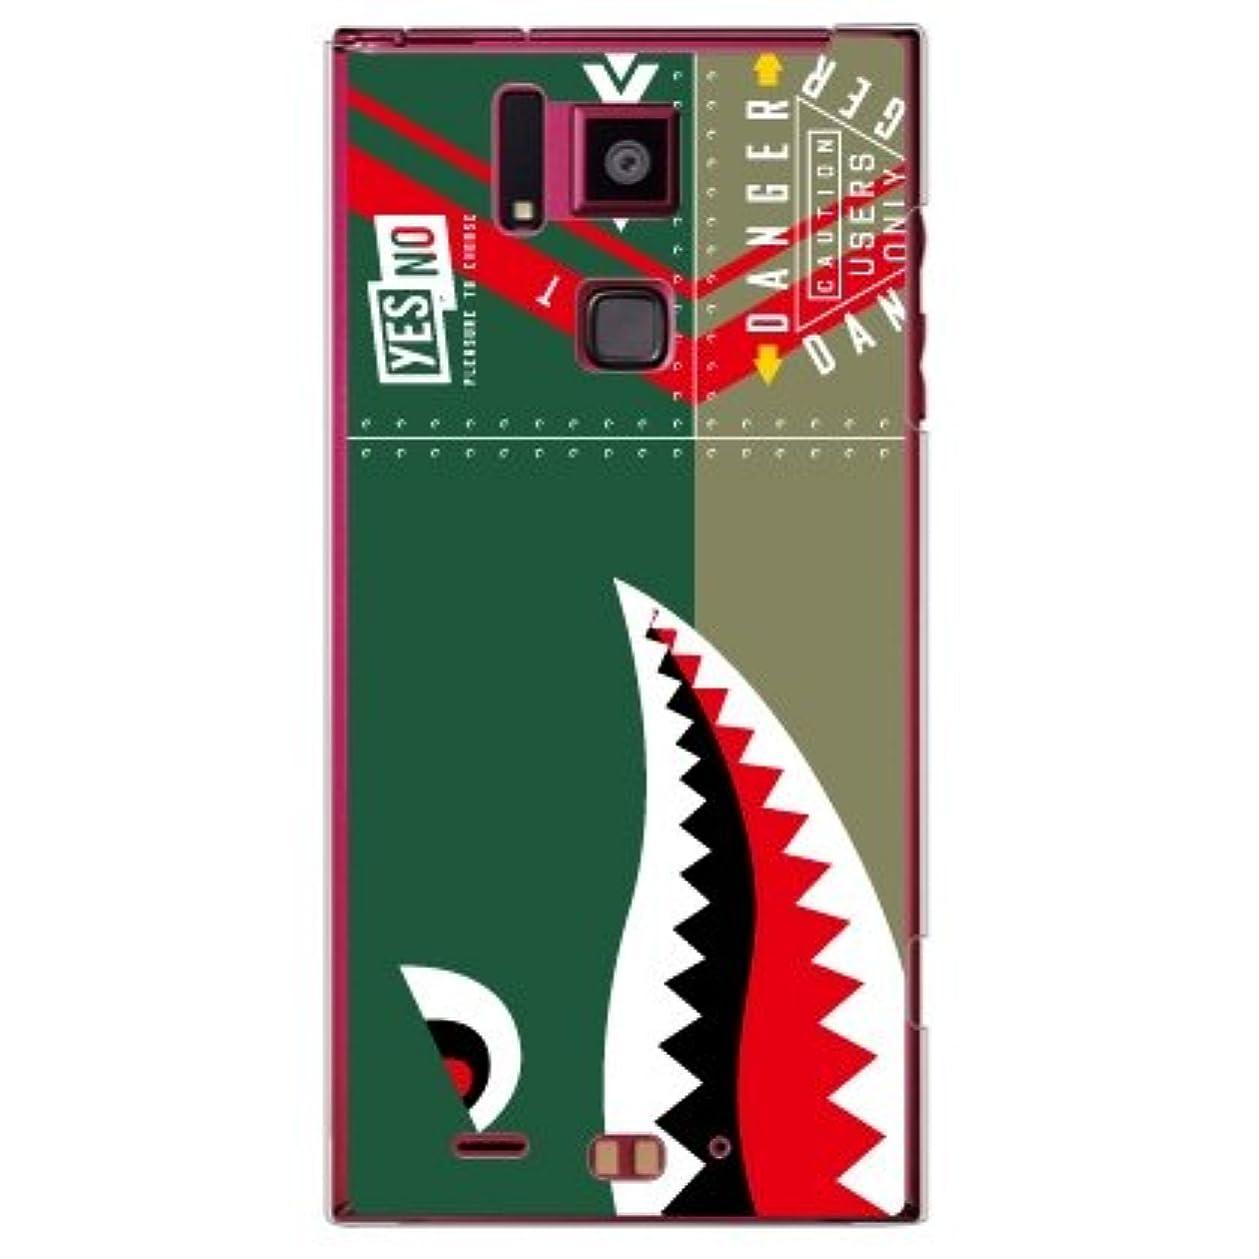 悲劇的な取り壊すエジプトYESNO シャーク グリーン (クリア) / for REGZA Phone T-02D/docomo DTSR2D-PCCL-201-N071